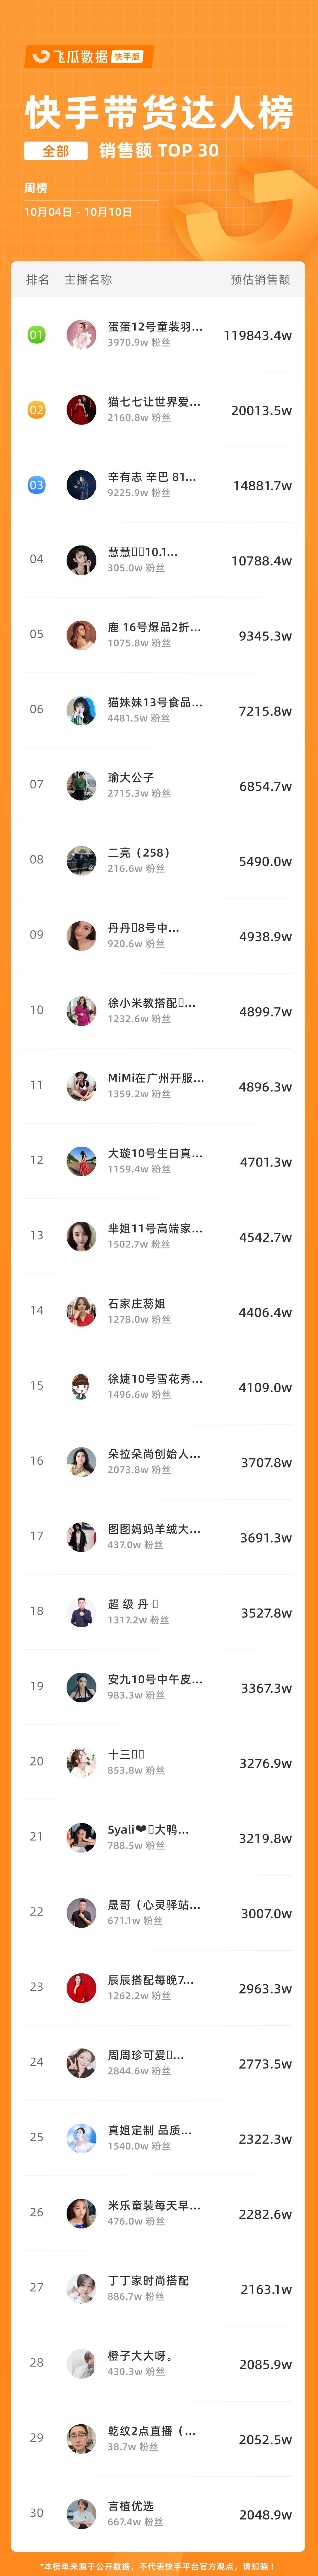 带货达人周榜 TOP30